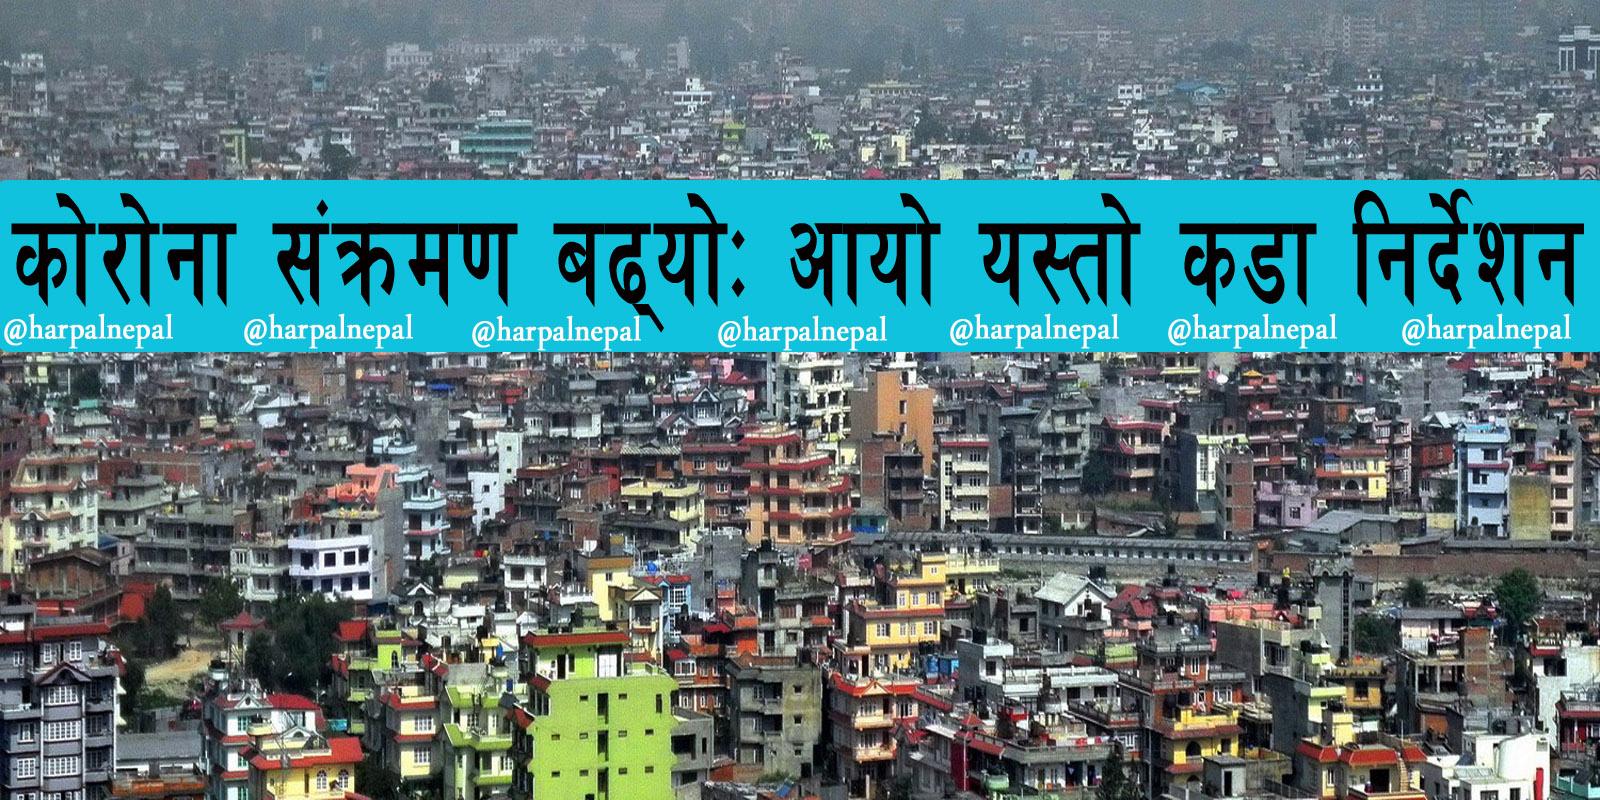 सङ्क्रमण दर बढिरहदा काठमाण्डौं उपत्यकासहित जिल्ला प्रशासन कार्यालयहरूको तयारी के छ ? विस्तृतमा हेर्नुहोस्